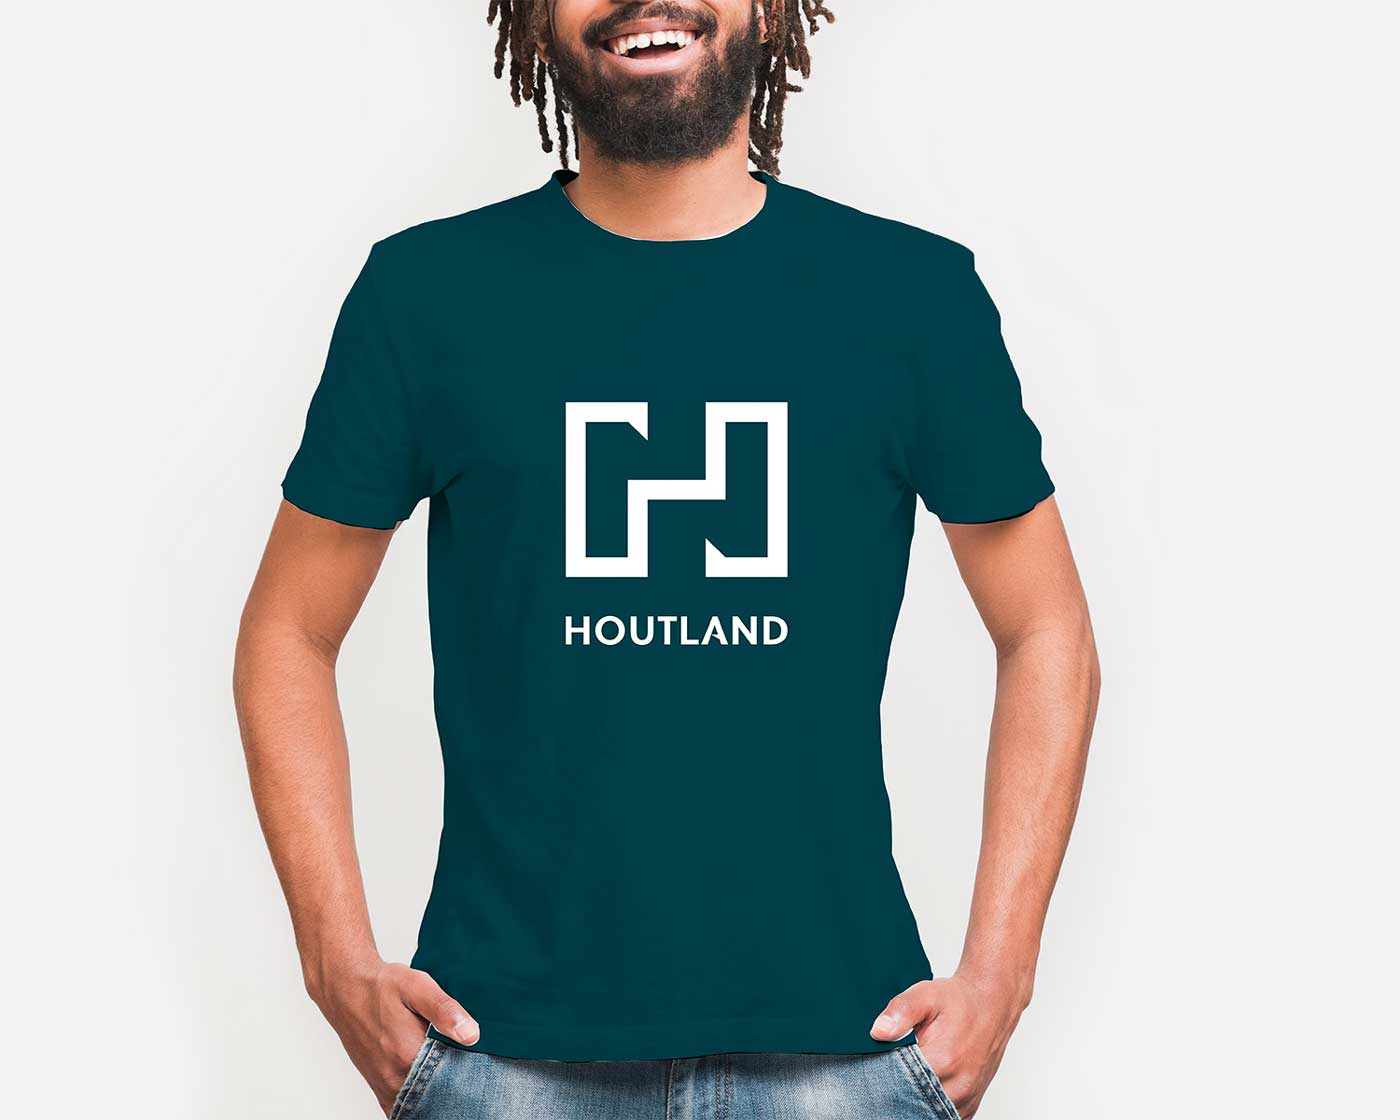 Houtland T Shirt